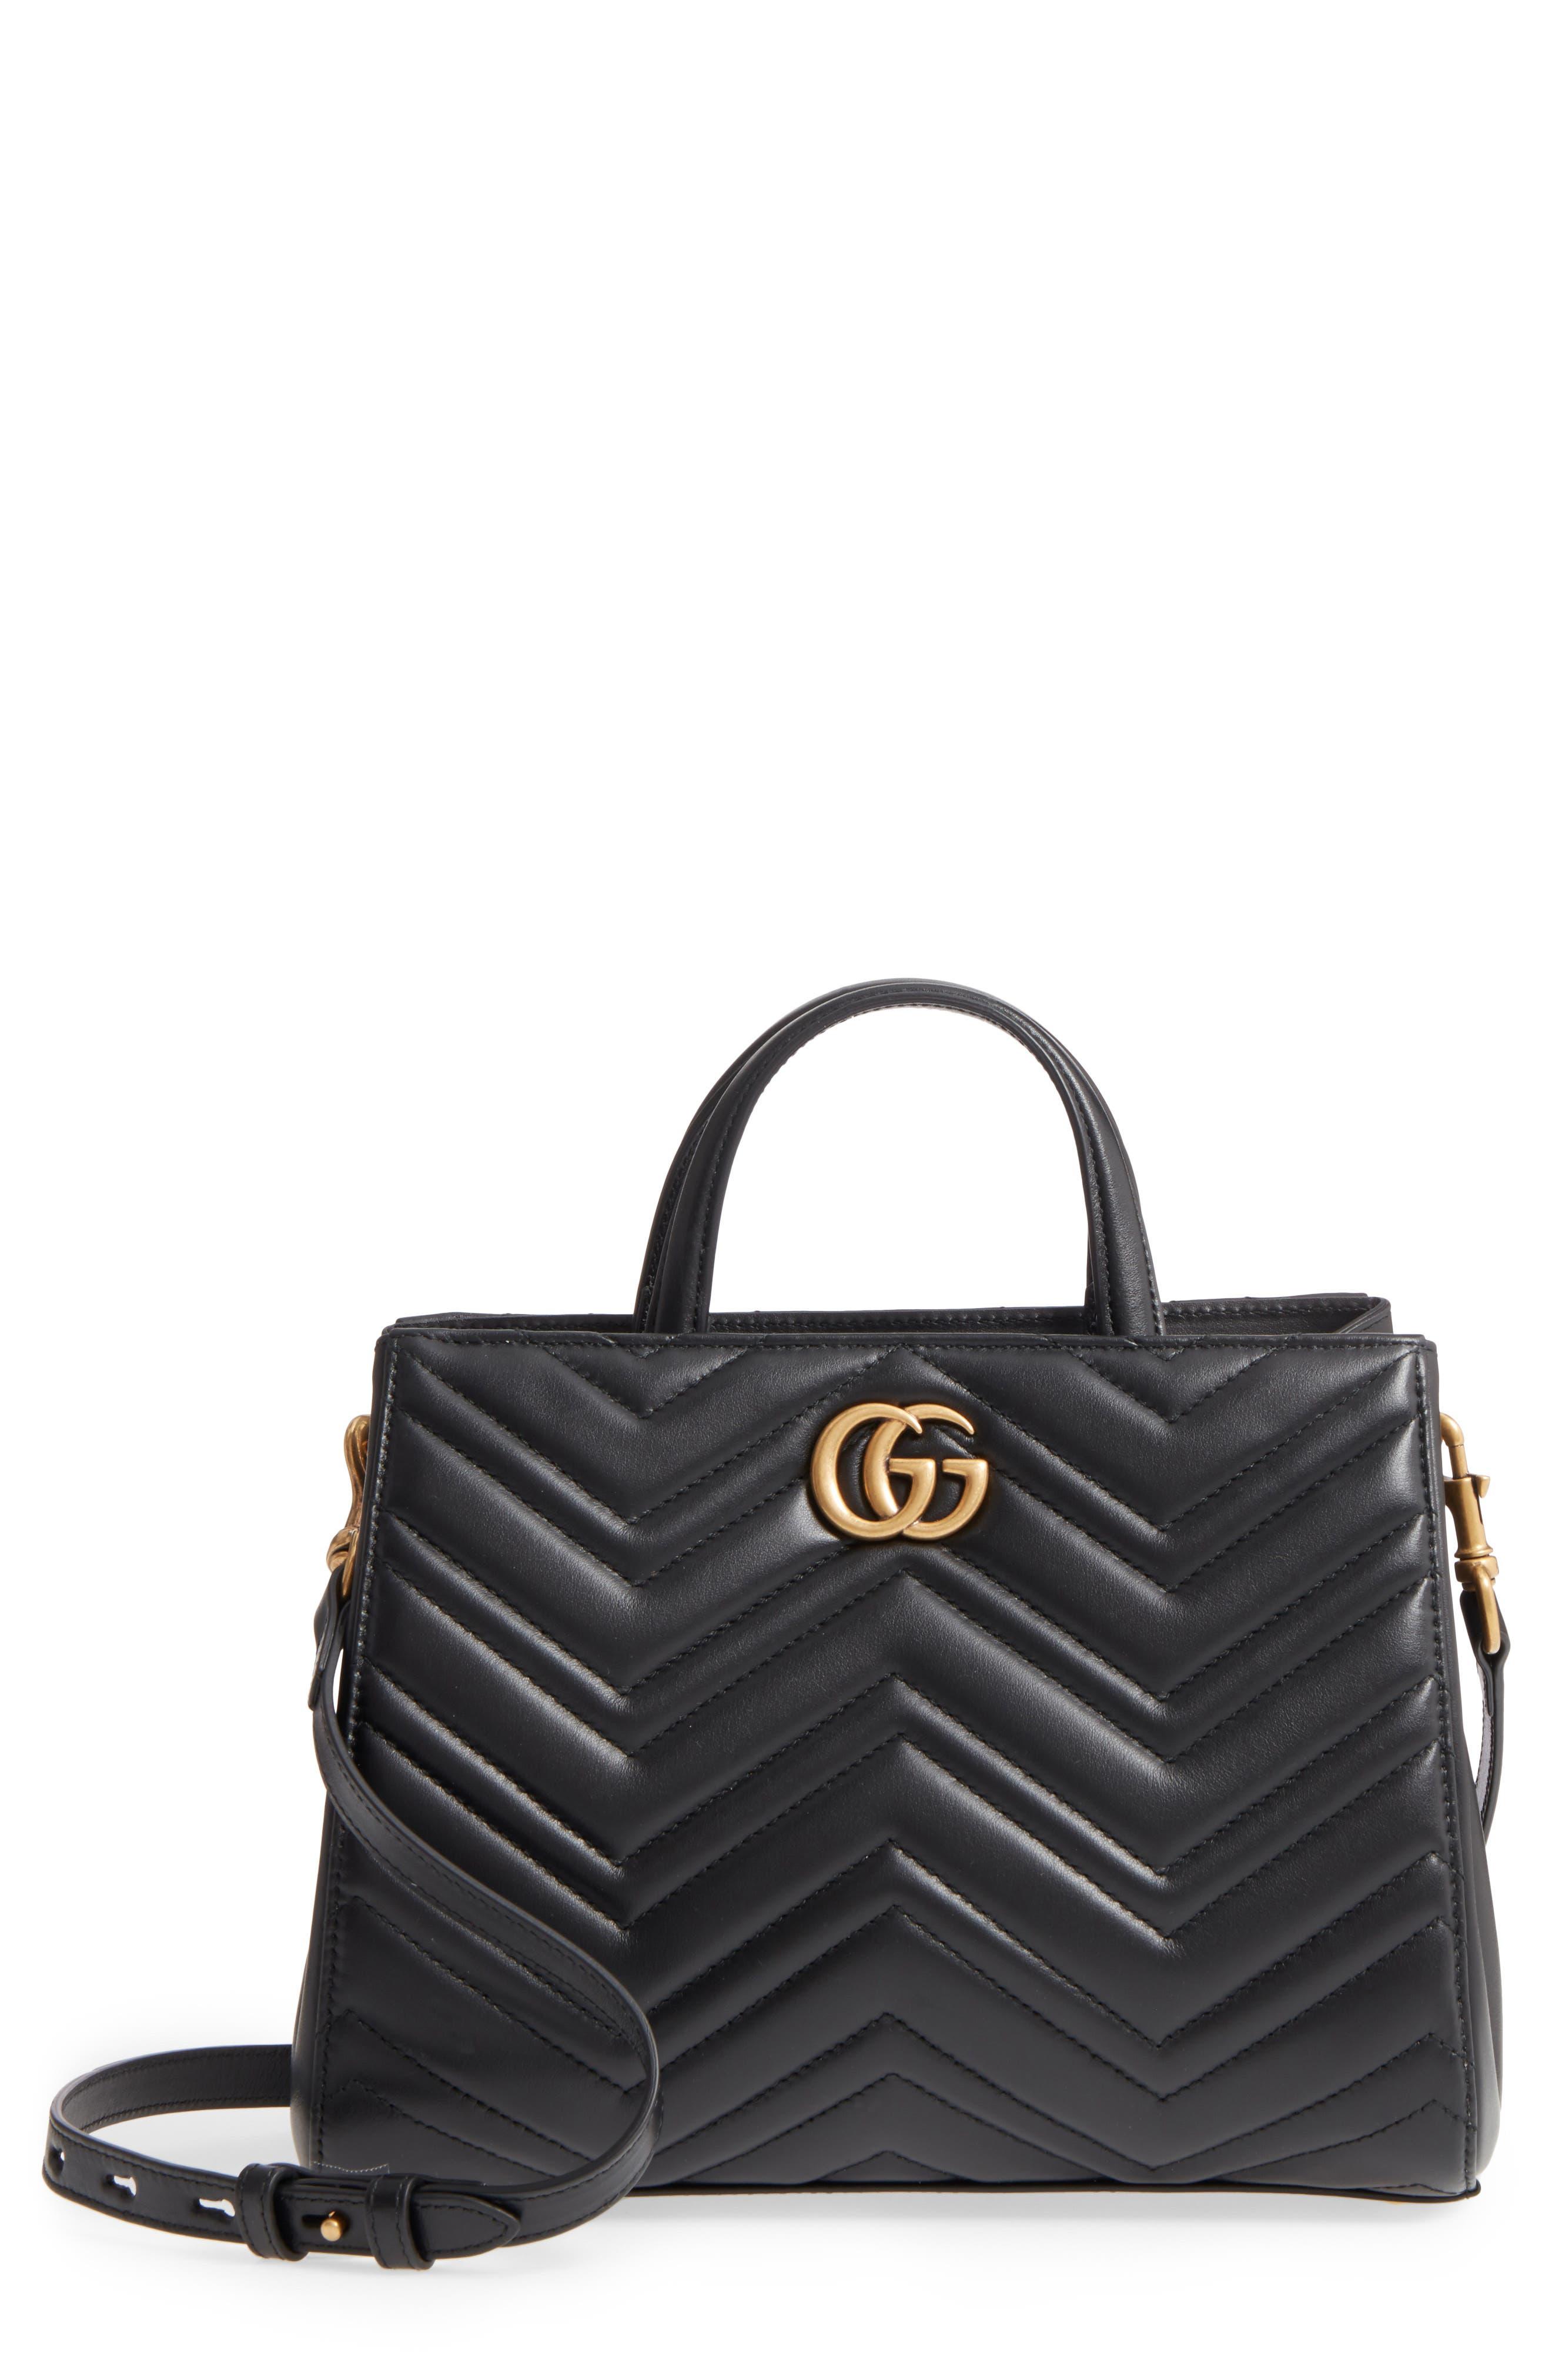 GG Small Marmont 2.0 Matelassé Leather Top Handle Satchel,                             Main thumbnail 1, color,                             005